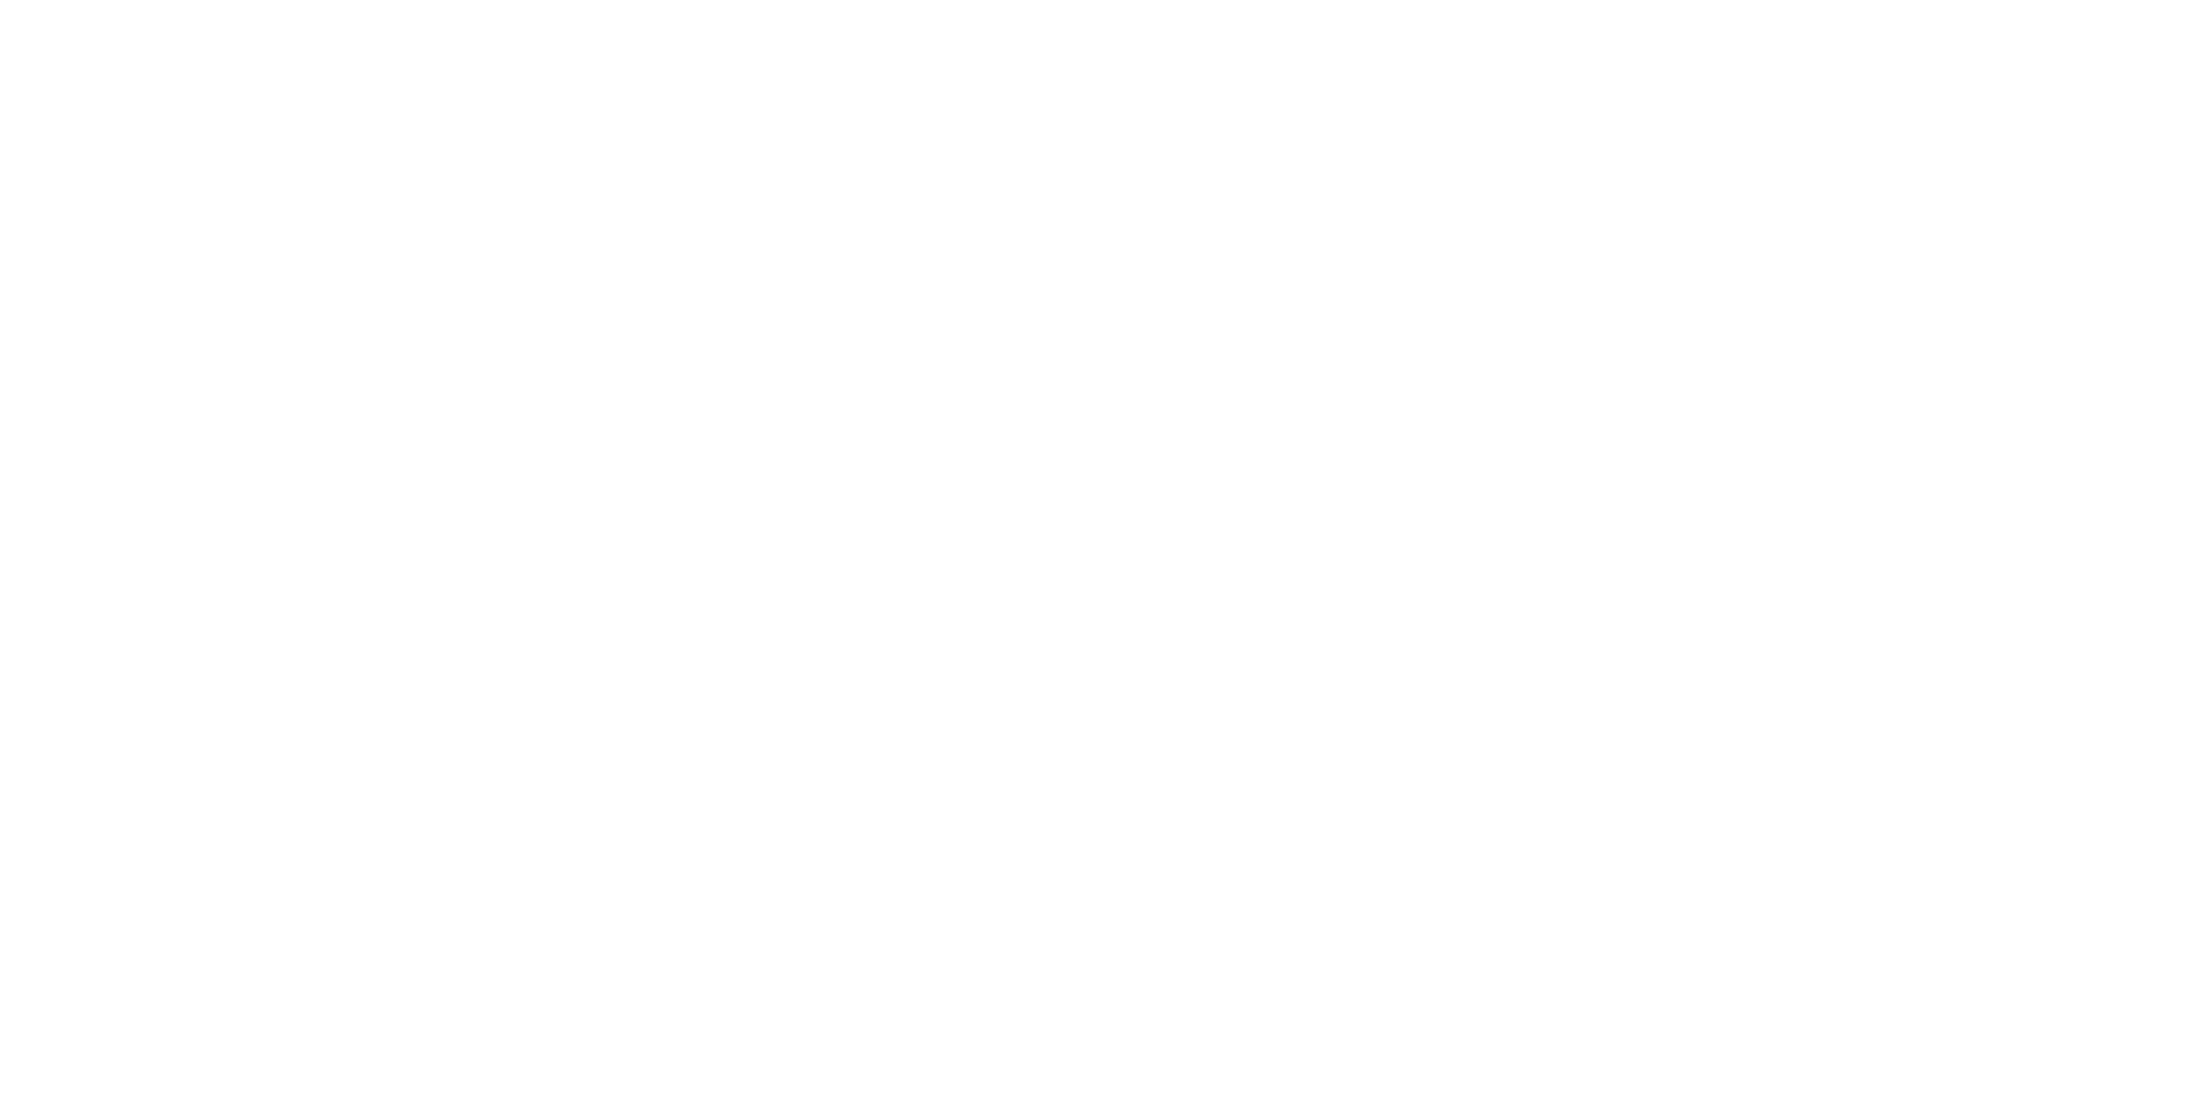 See you at X4 2020